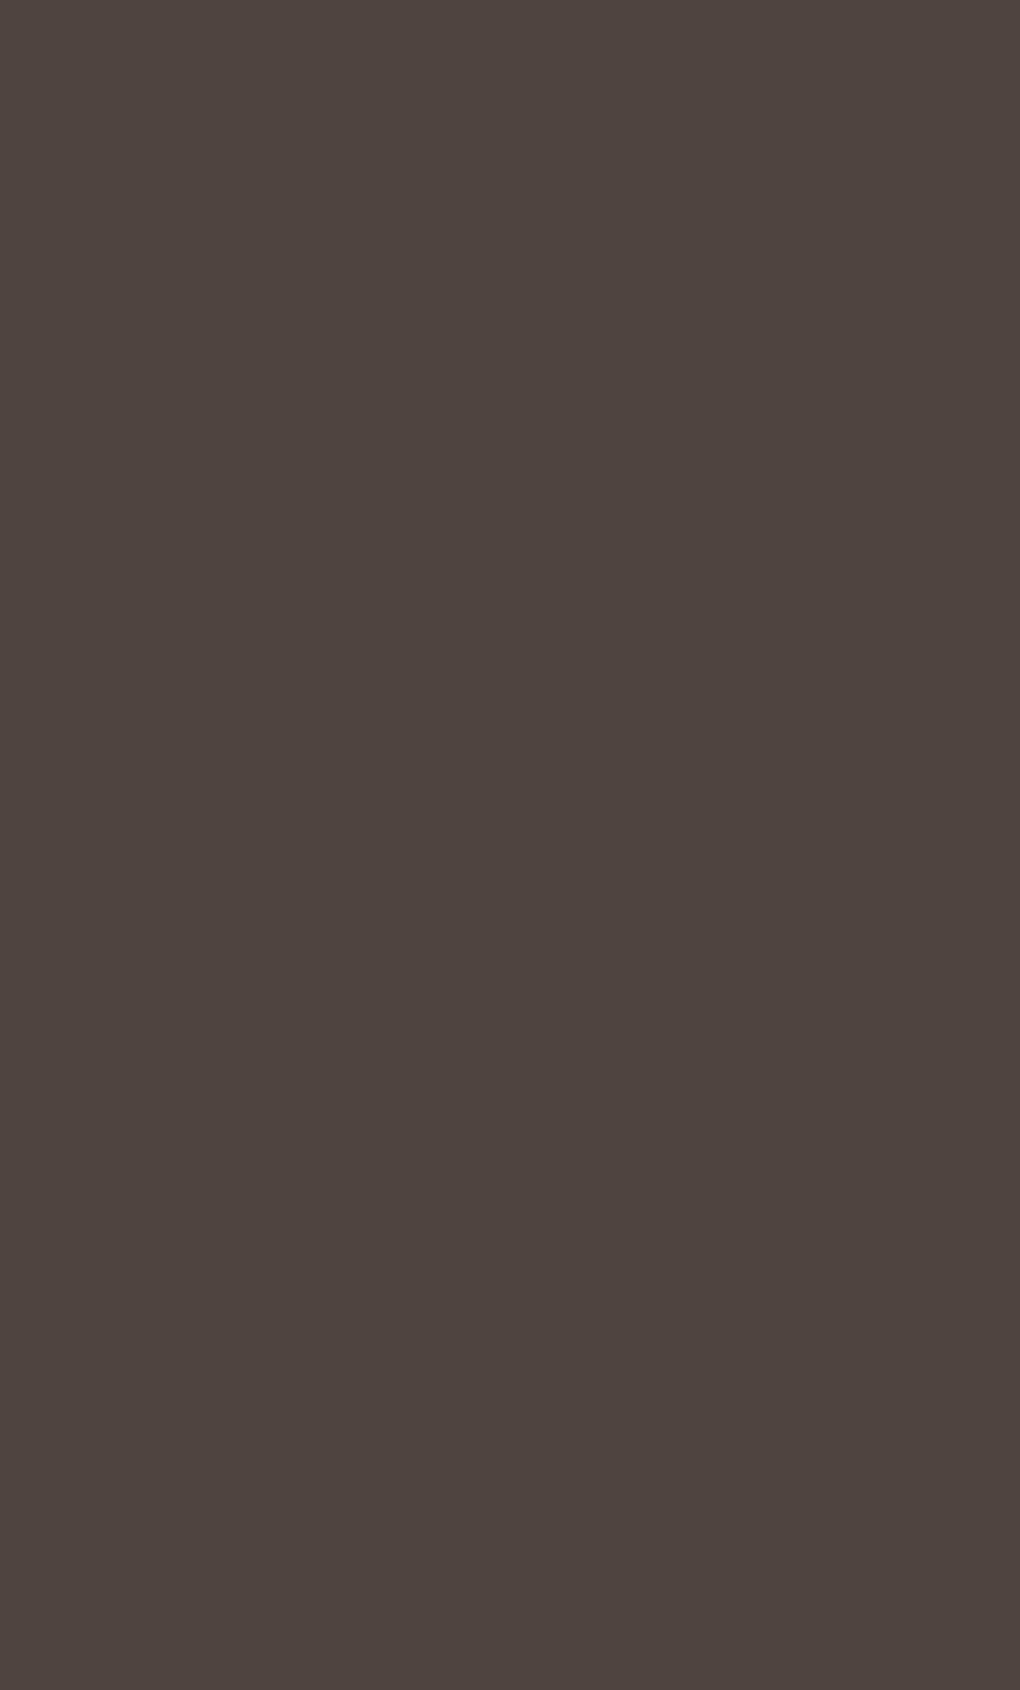 椒麻口味綜合組(椒麻原味x1, 椒麻辣椒麵x1,椒麻波浪寬麵x2) - 19